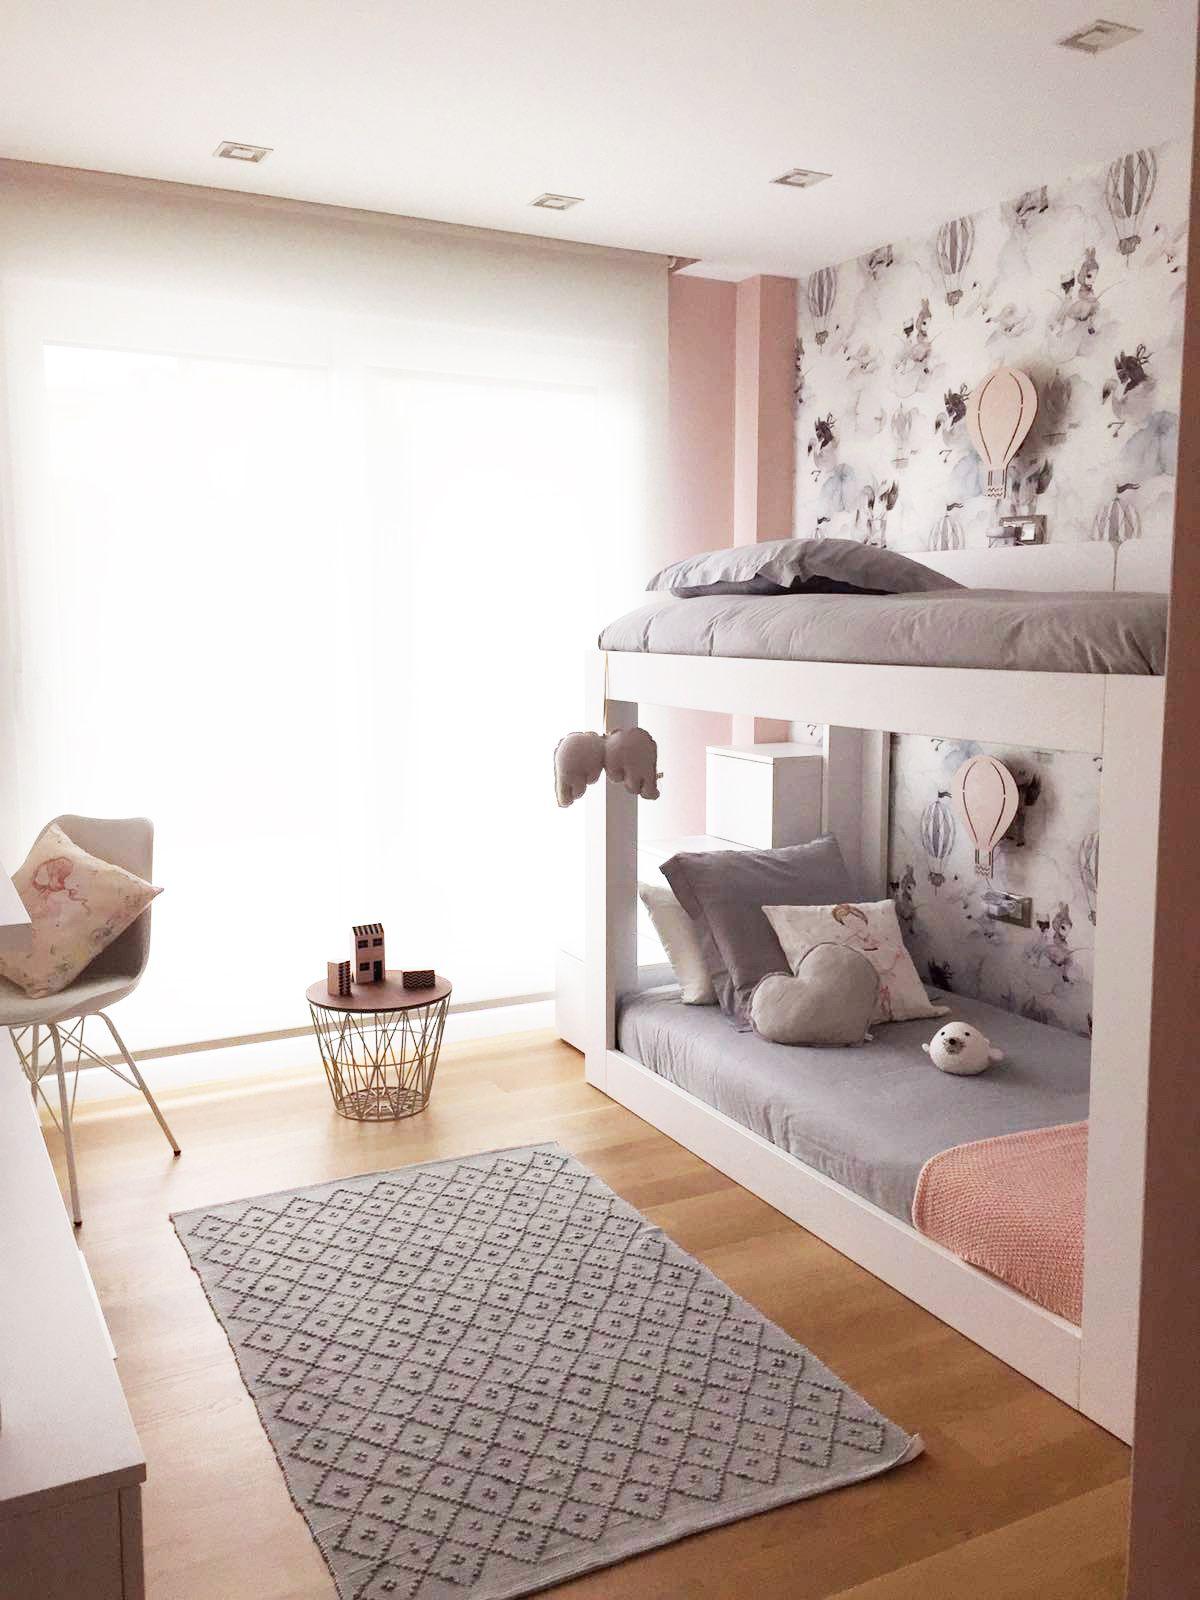 Habitaci N Gris Y Rosa Con Papel Pintado Oh Clouds De Mr Mighetto  ~ Habitaciones Juveniles Con Papel Pintado